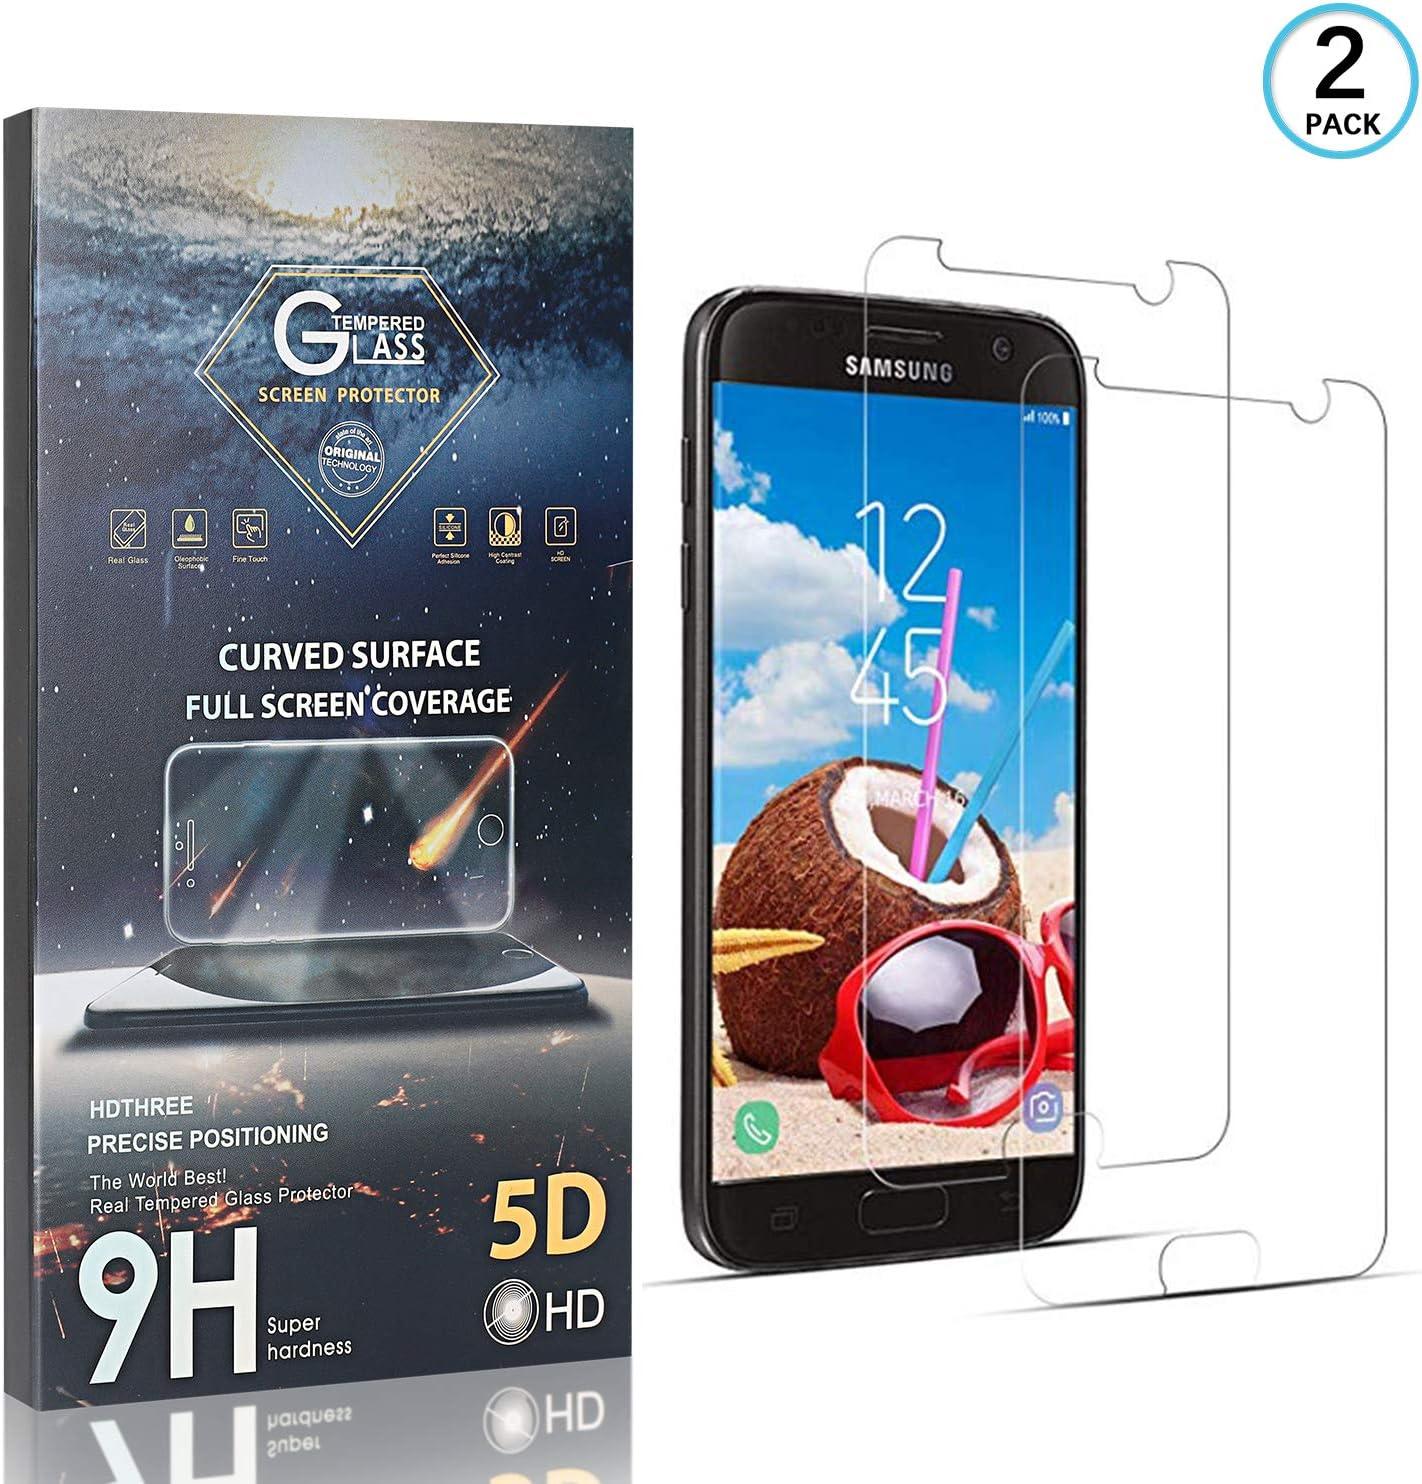 FCLTech Galaxy S7 Panzerglas Schutzfolie Ultra-Klar Displayschutz Panzerglas Schutzfolie kompatibel mit Samsung Galaxy S7 3D Vollst/ändige Abdeckung 2 St/ück 9H H/ärte